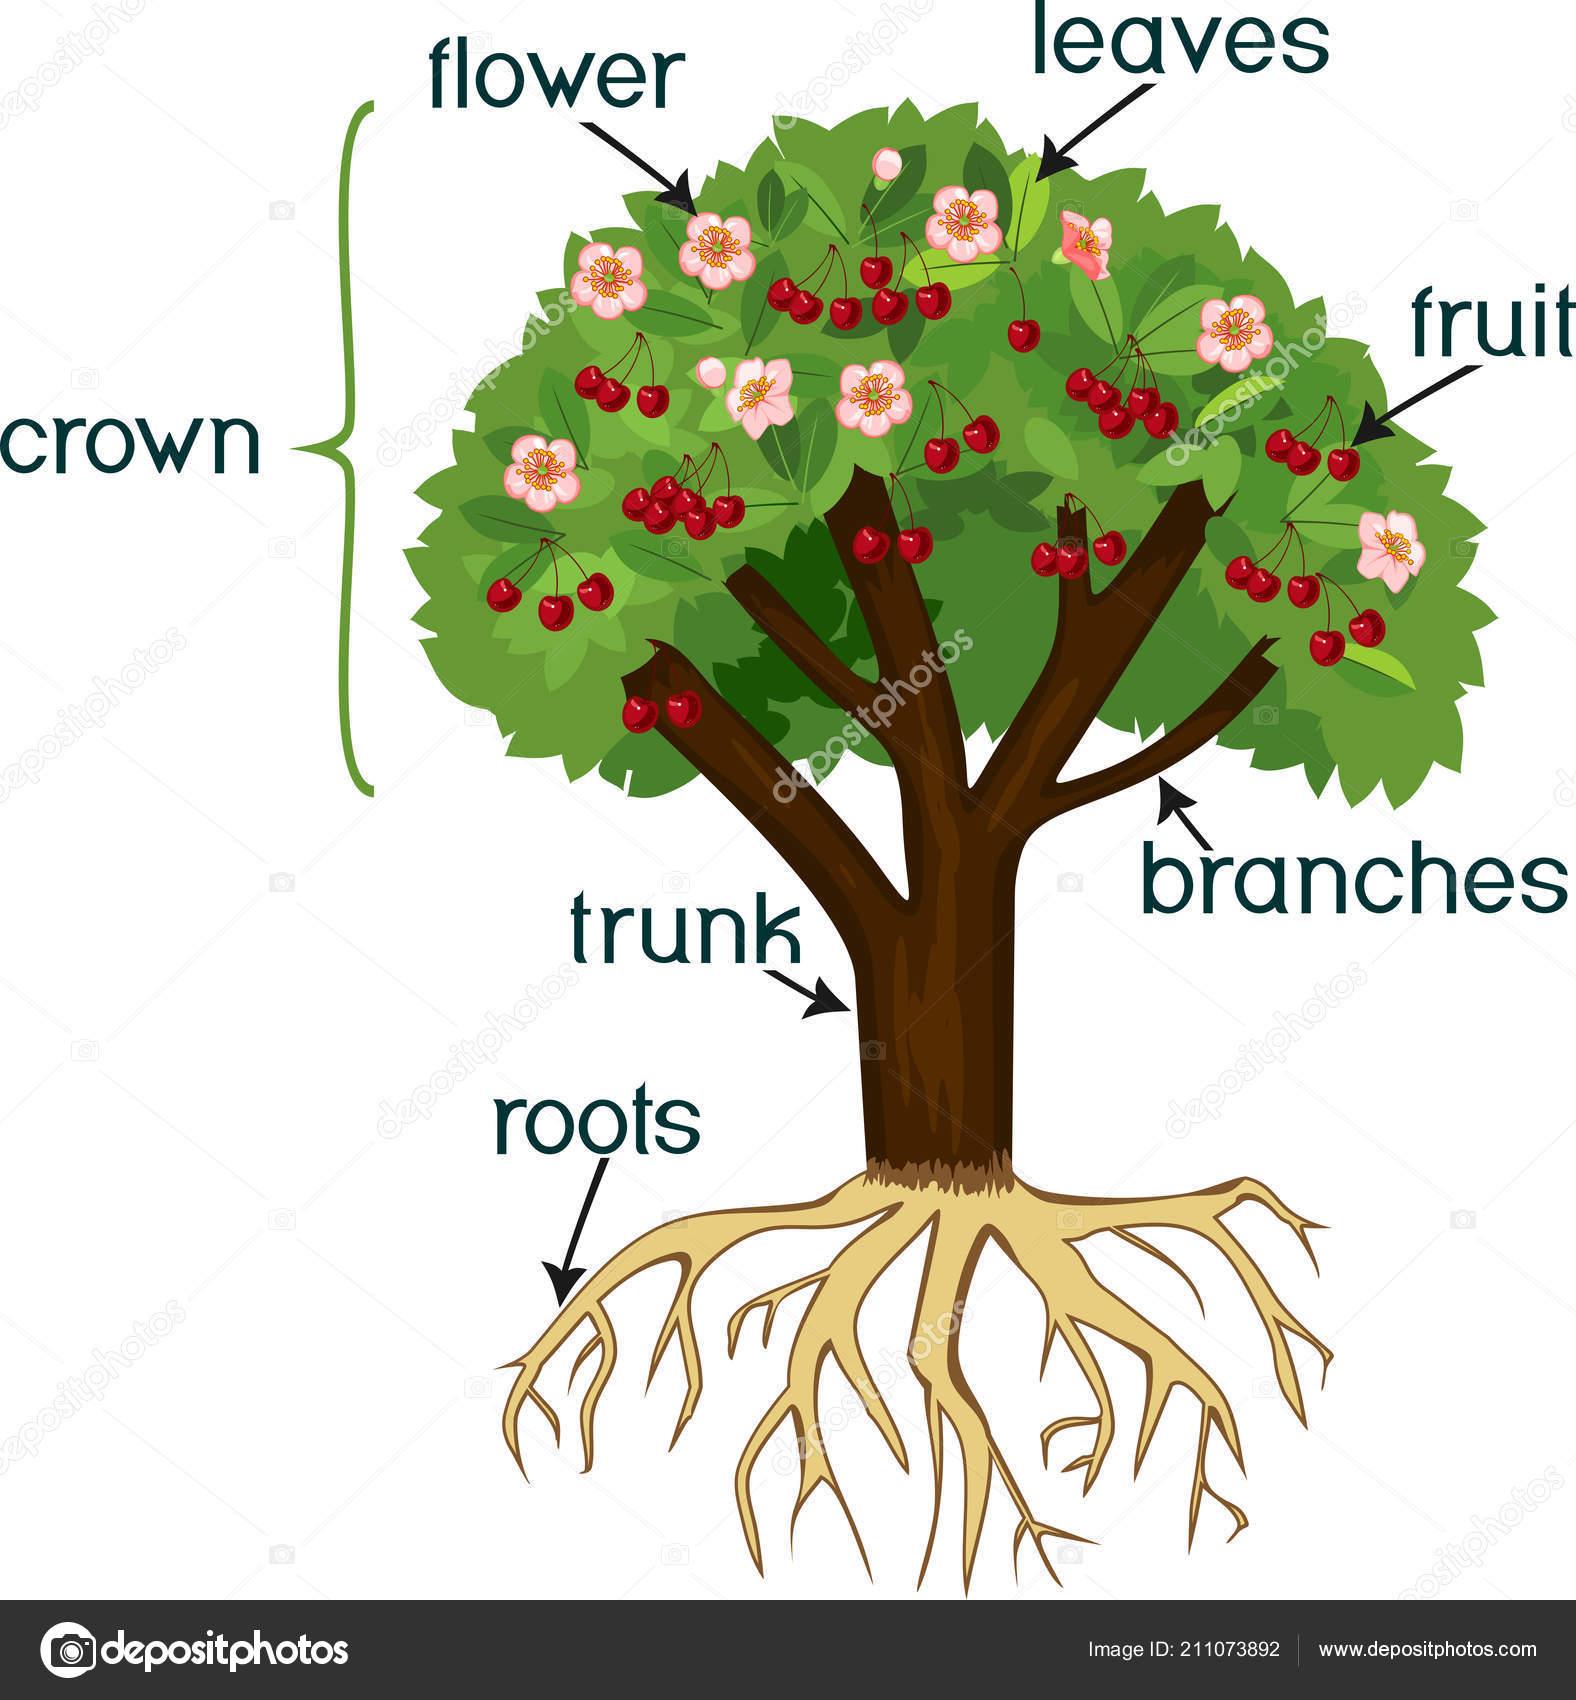 Partes planta morfolog a cerezo con sistema ra ces flores for Cuales son las partes de un arbol